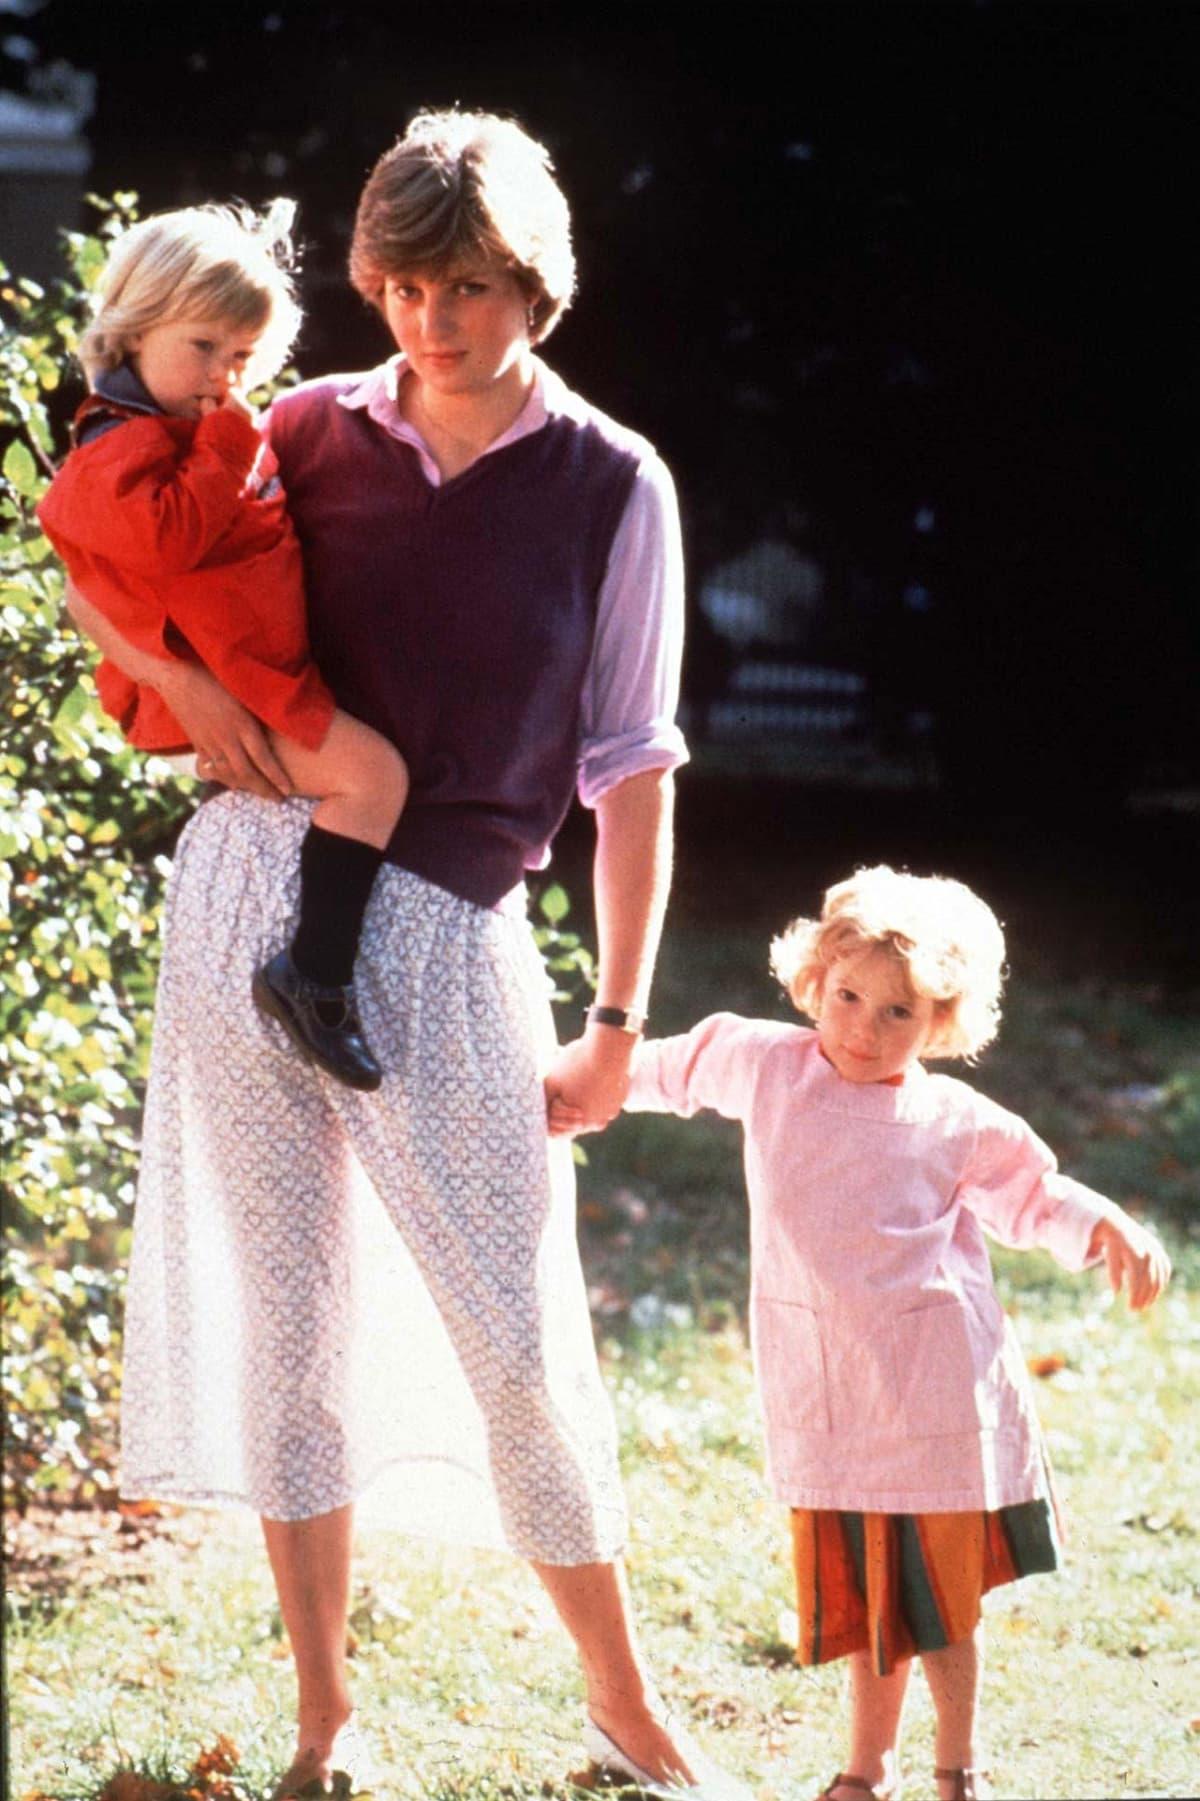 Diana yksi lapsi sylissään ja toinen vierellään. Takaa tuleva valo tekee Dianan hameesta läpinäkyvän.